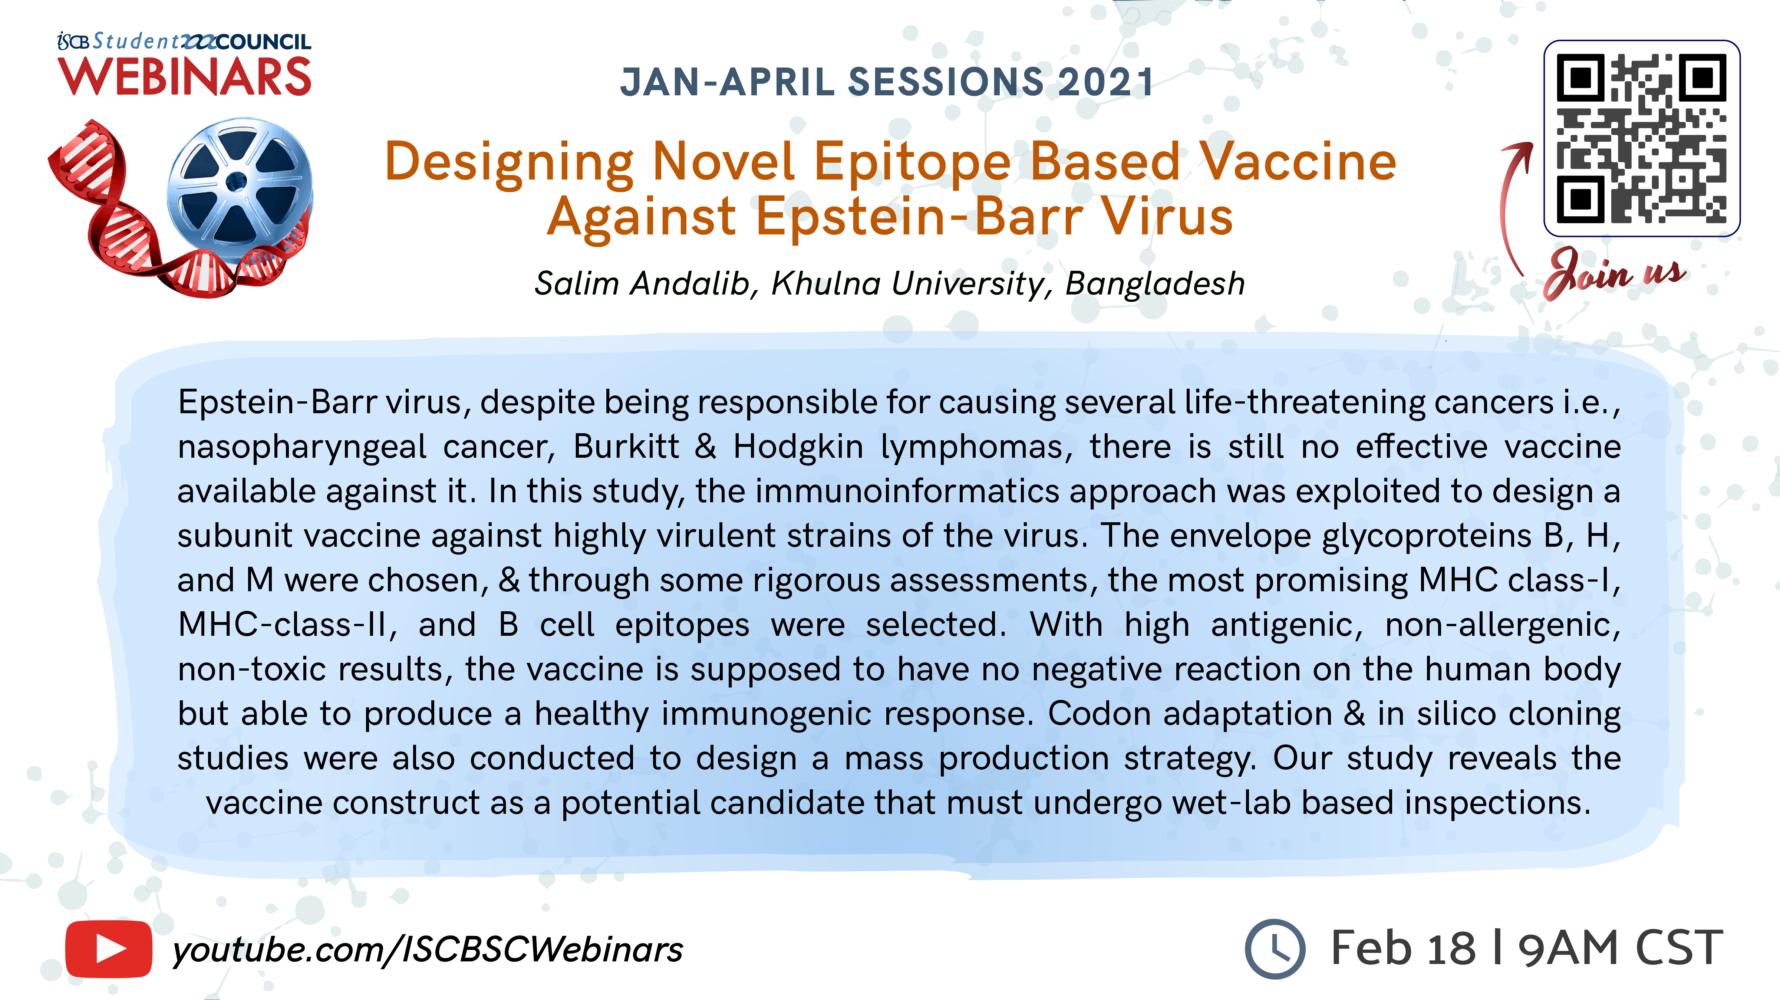 Salim Andalib: Designing Novel Epitope Based Vaccine Against Epstein-Barr Virus